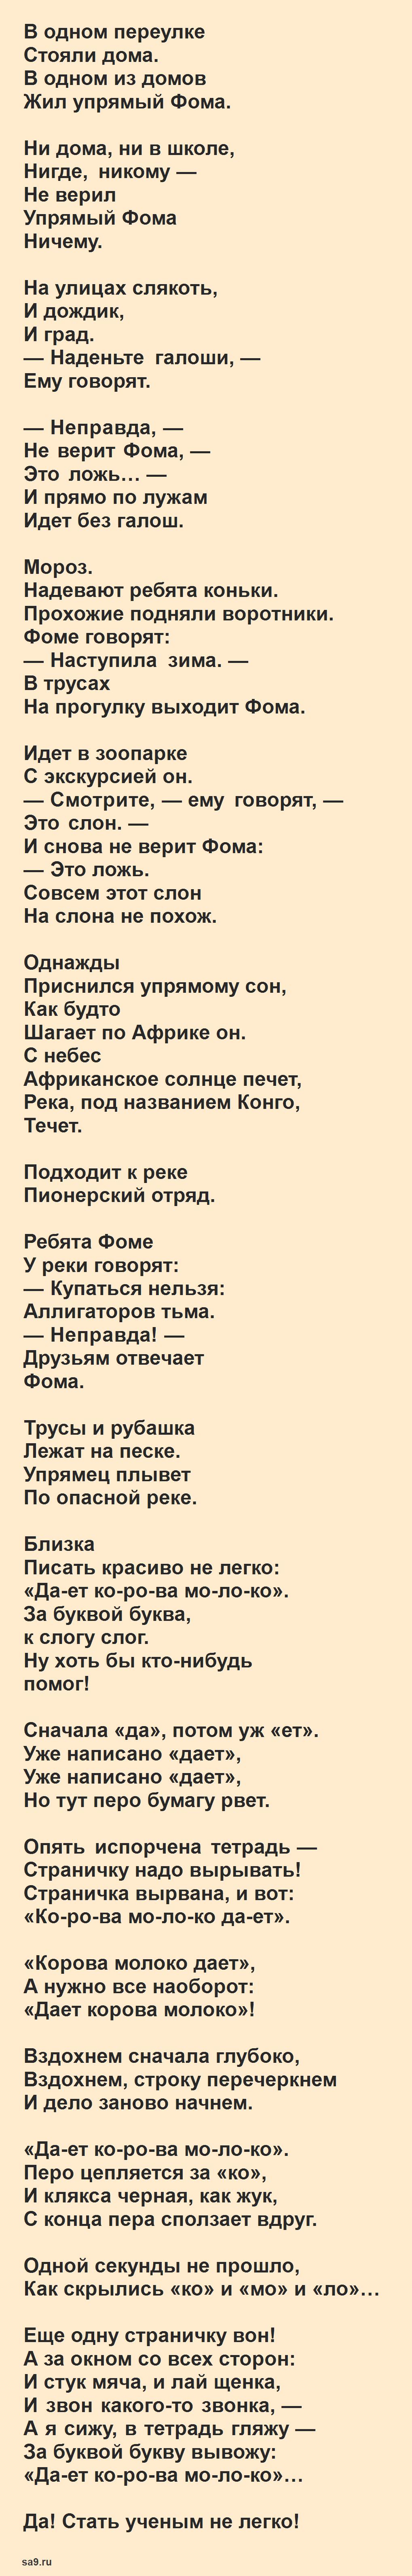 Стих Чистописание Михалков